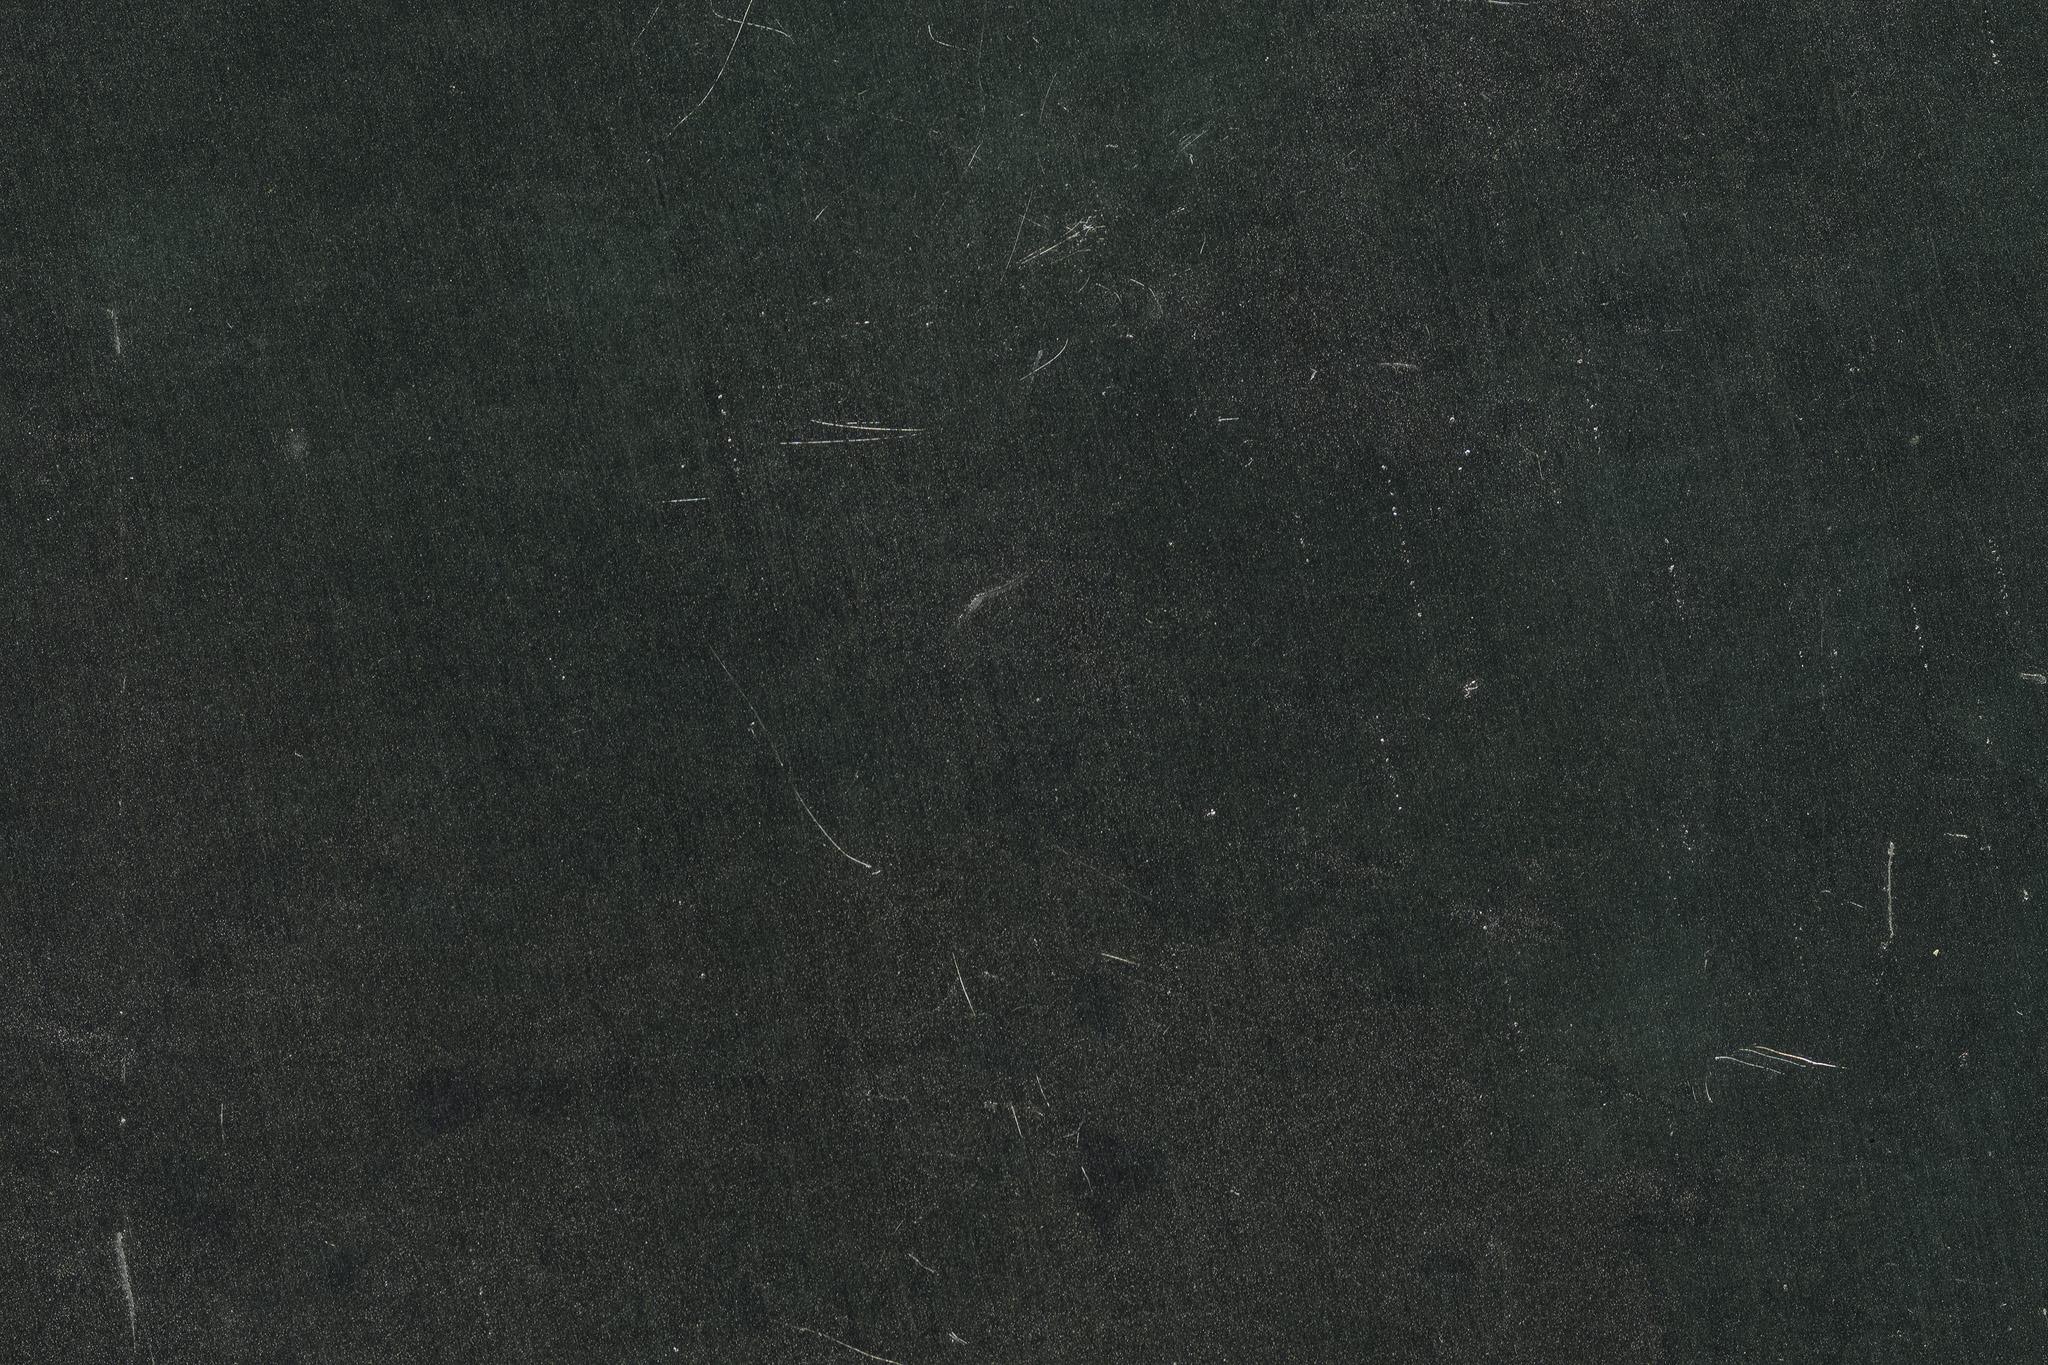 「傷がある鉄」の背景を無料ダウンロード